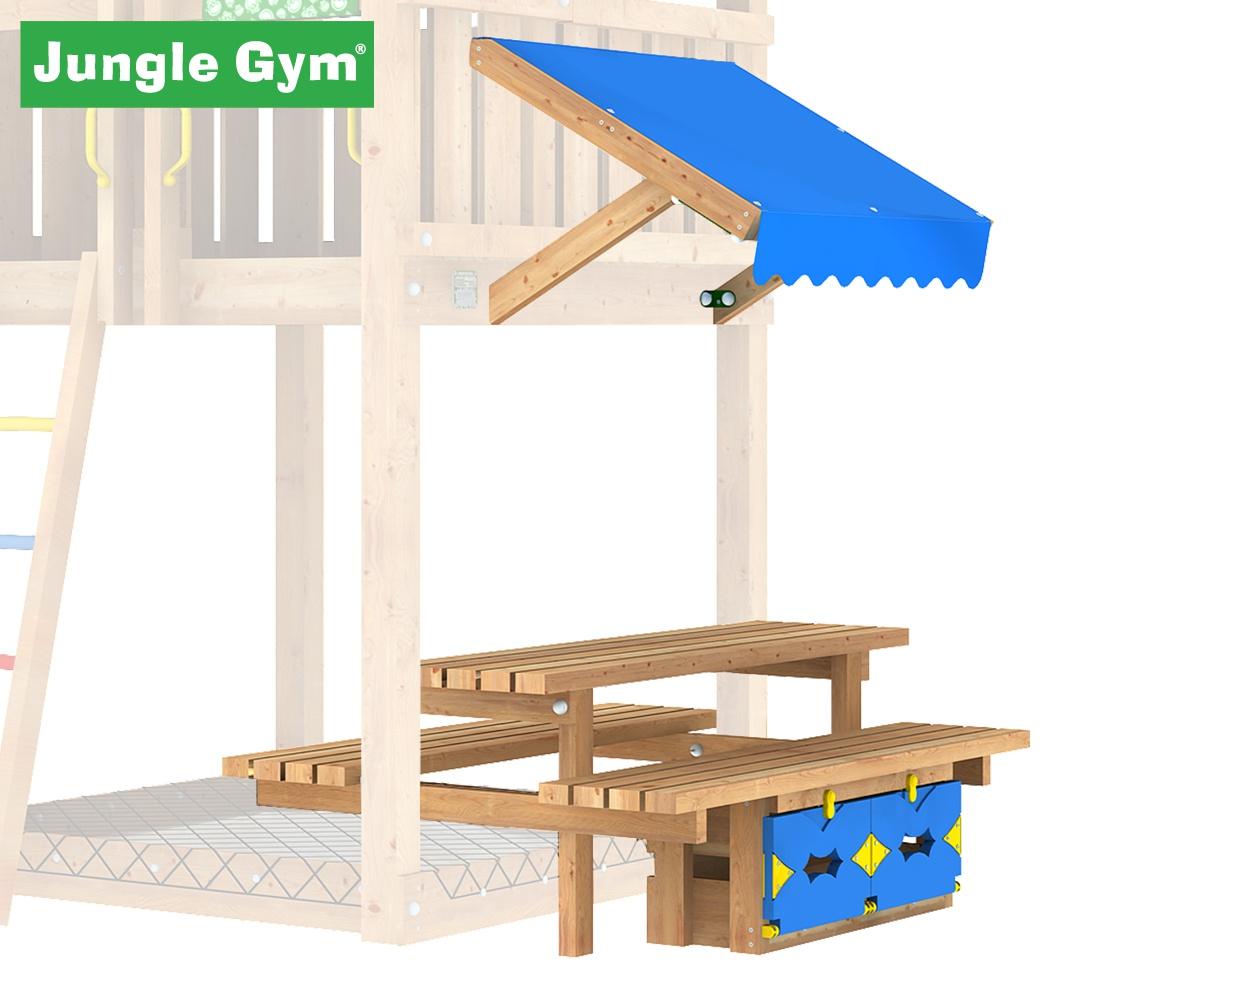 pic nic modul jungle gym f r den privatgarten. Black Bedroom Furniture Sets. Home Design Ideas